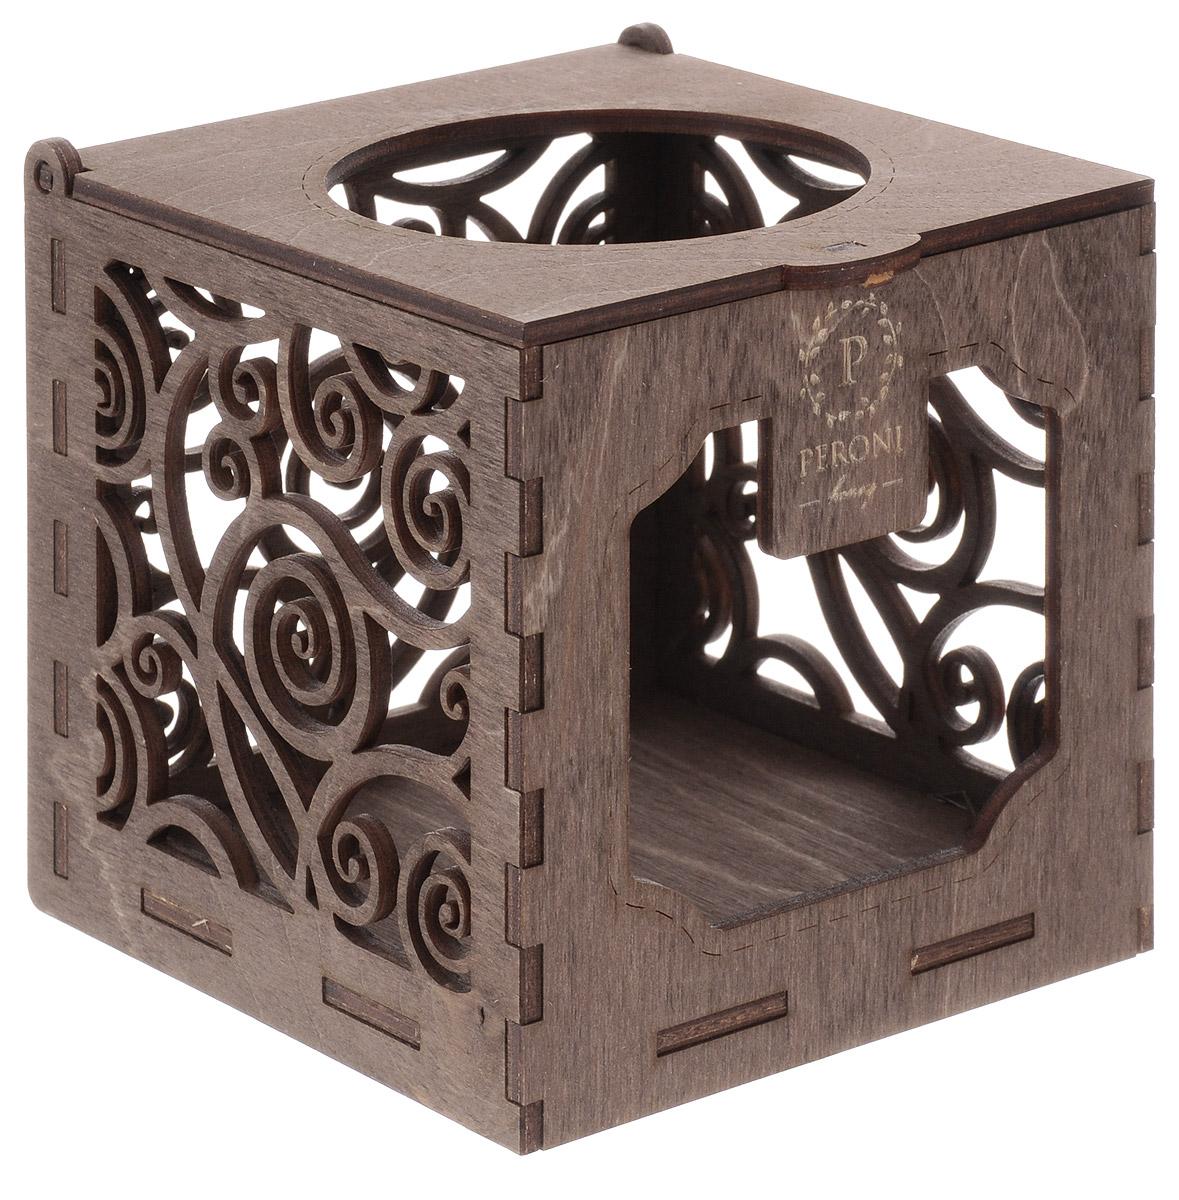 Идеальное завершение подарочной композиции. Когда мед закончится, коробку можно будет использовать в качестве подсвечника для чайной свечи, свет которой, проходя сквозь резные стенки, наполнит комнату причудливыми бликами.Сувенирная коробка рассчитана на банку меда-суфле Peroni объемом 250 мл.10,5 х 10,5 х 10,5 см.